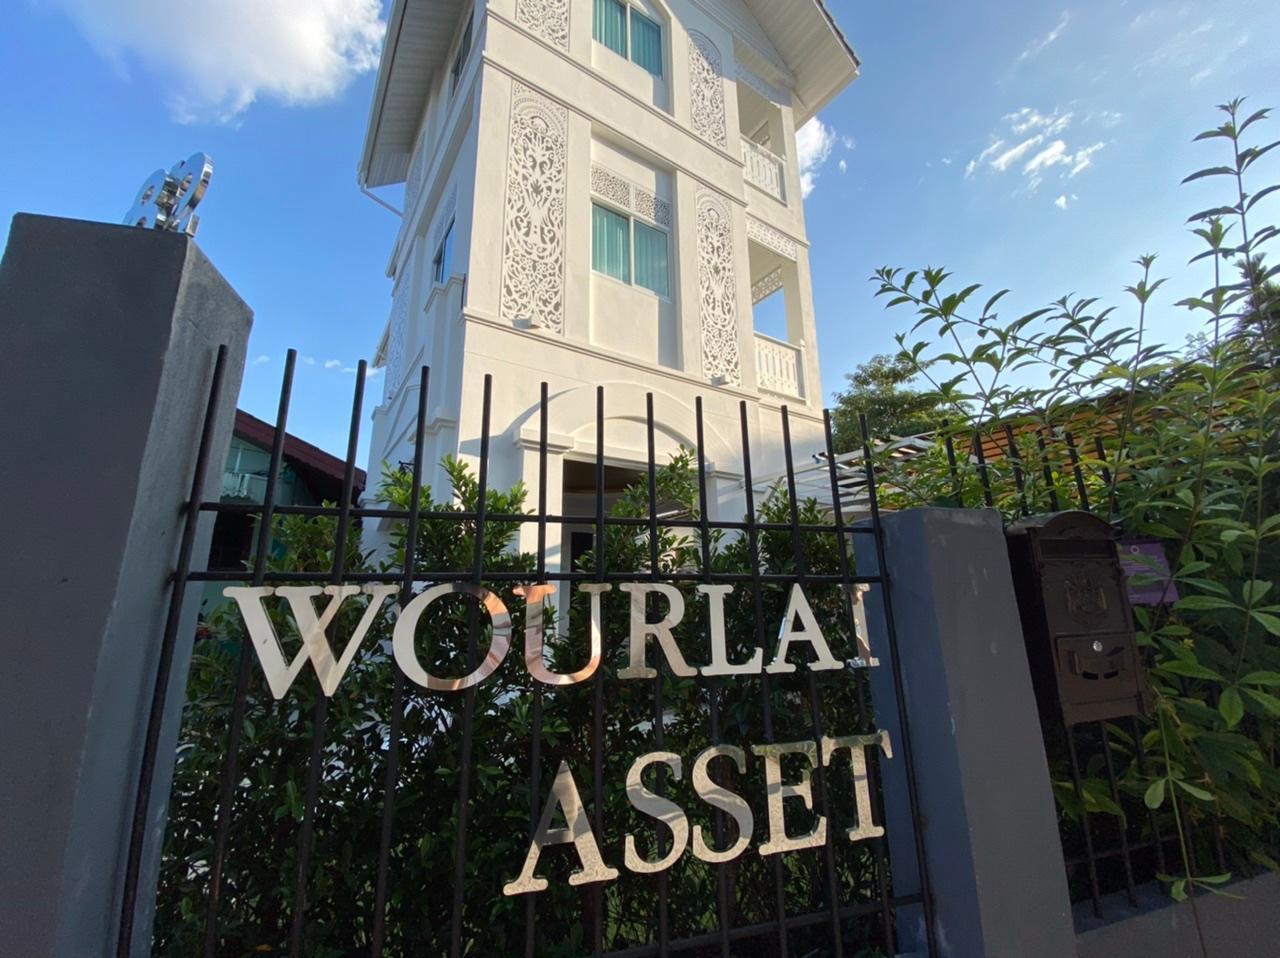 Wourlai Asset สตูดิโอ อพาร์ตเมนต์ 3 ห้องน้ำส่วนตัว ขนาด 160 ตร.ม. – วัวลาย